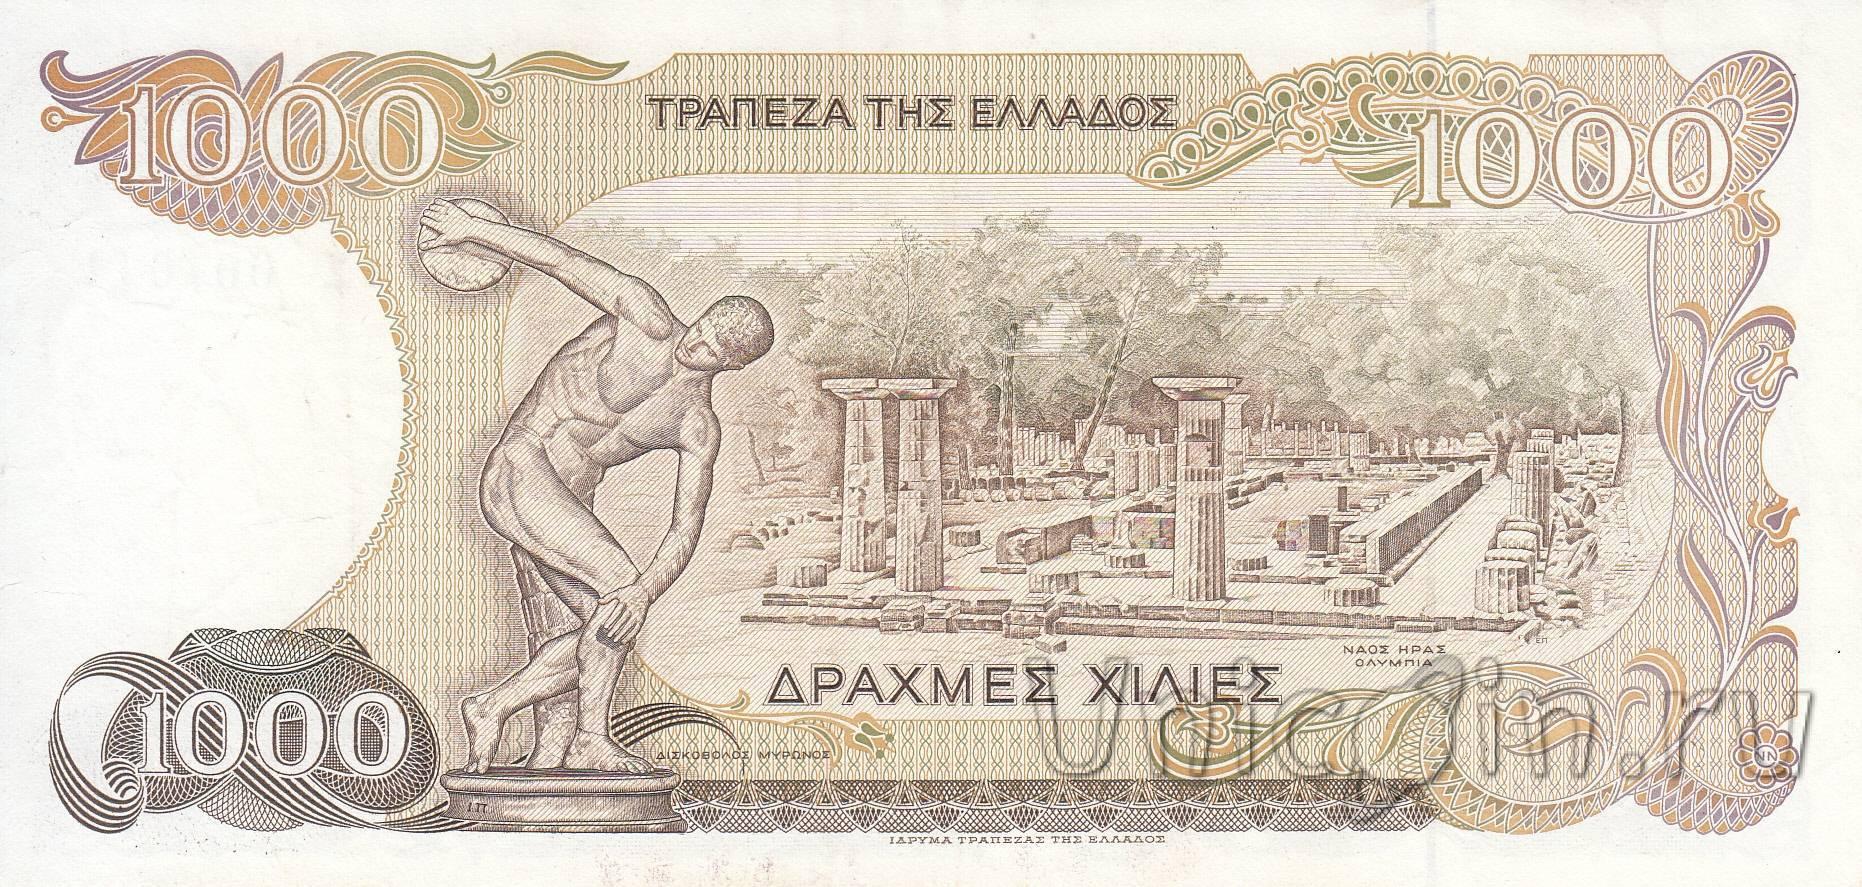 Сколько денег брать в грецию в 2021 году на еду, экскурсии и развлечения. сколько денег нужно в греции